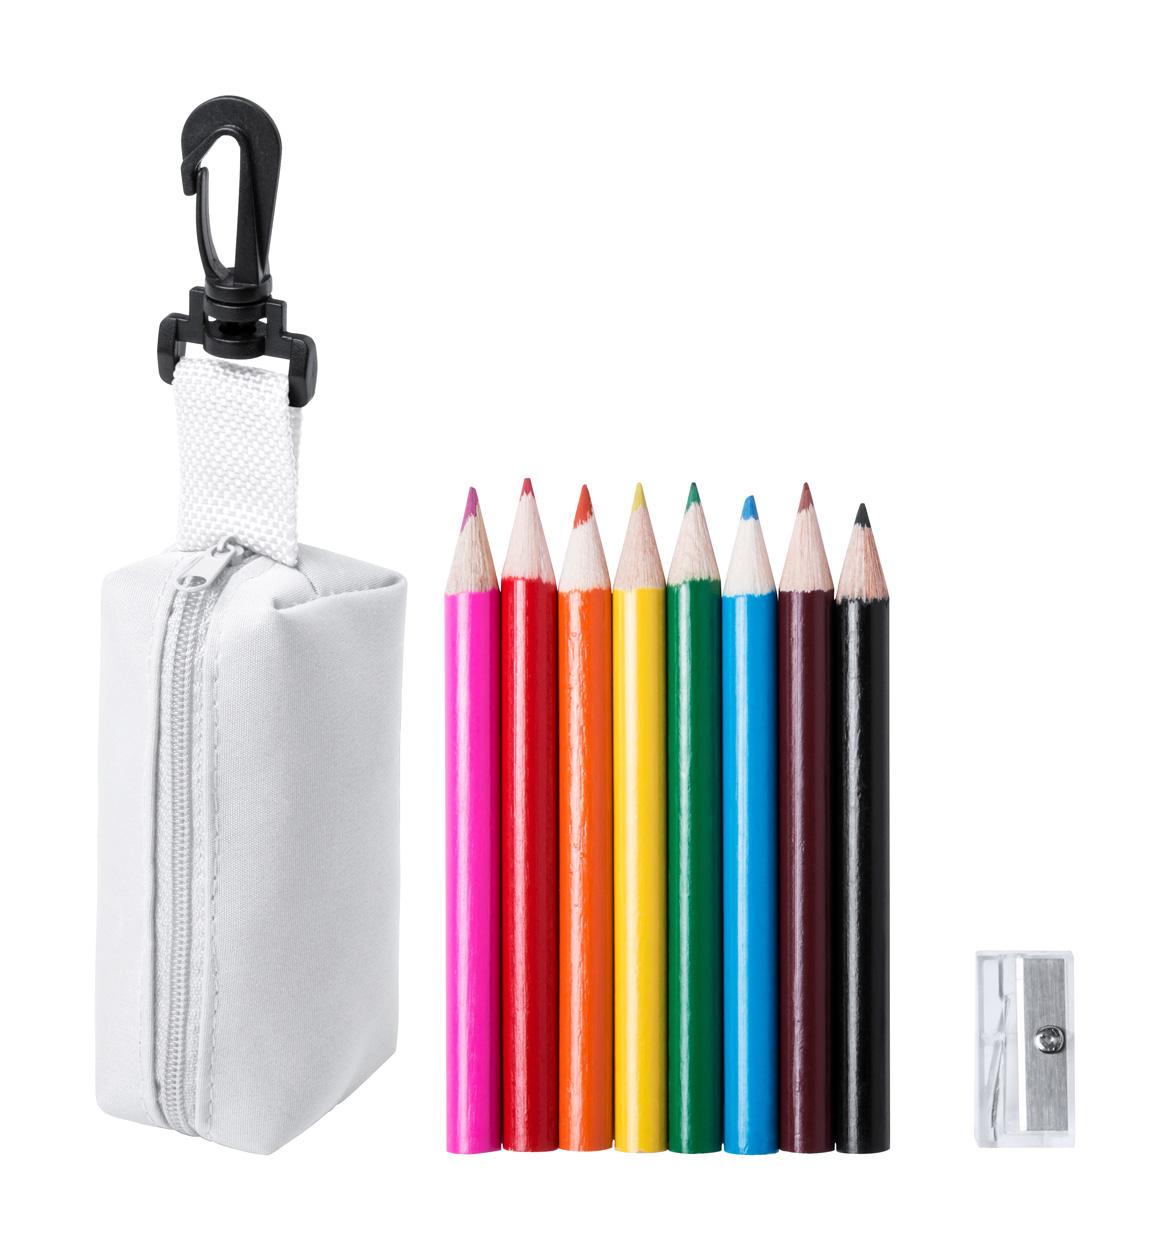 Migal coloured pencil set